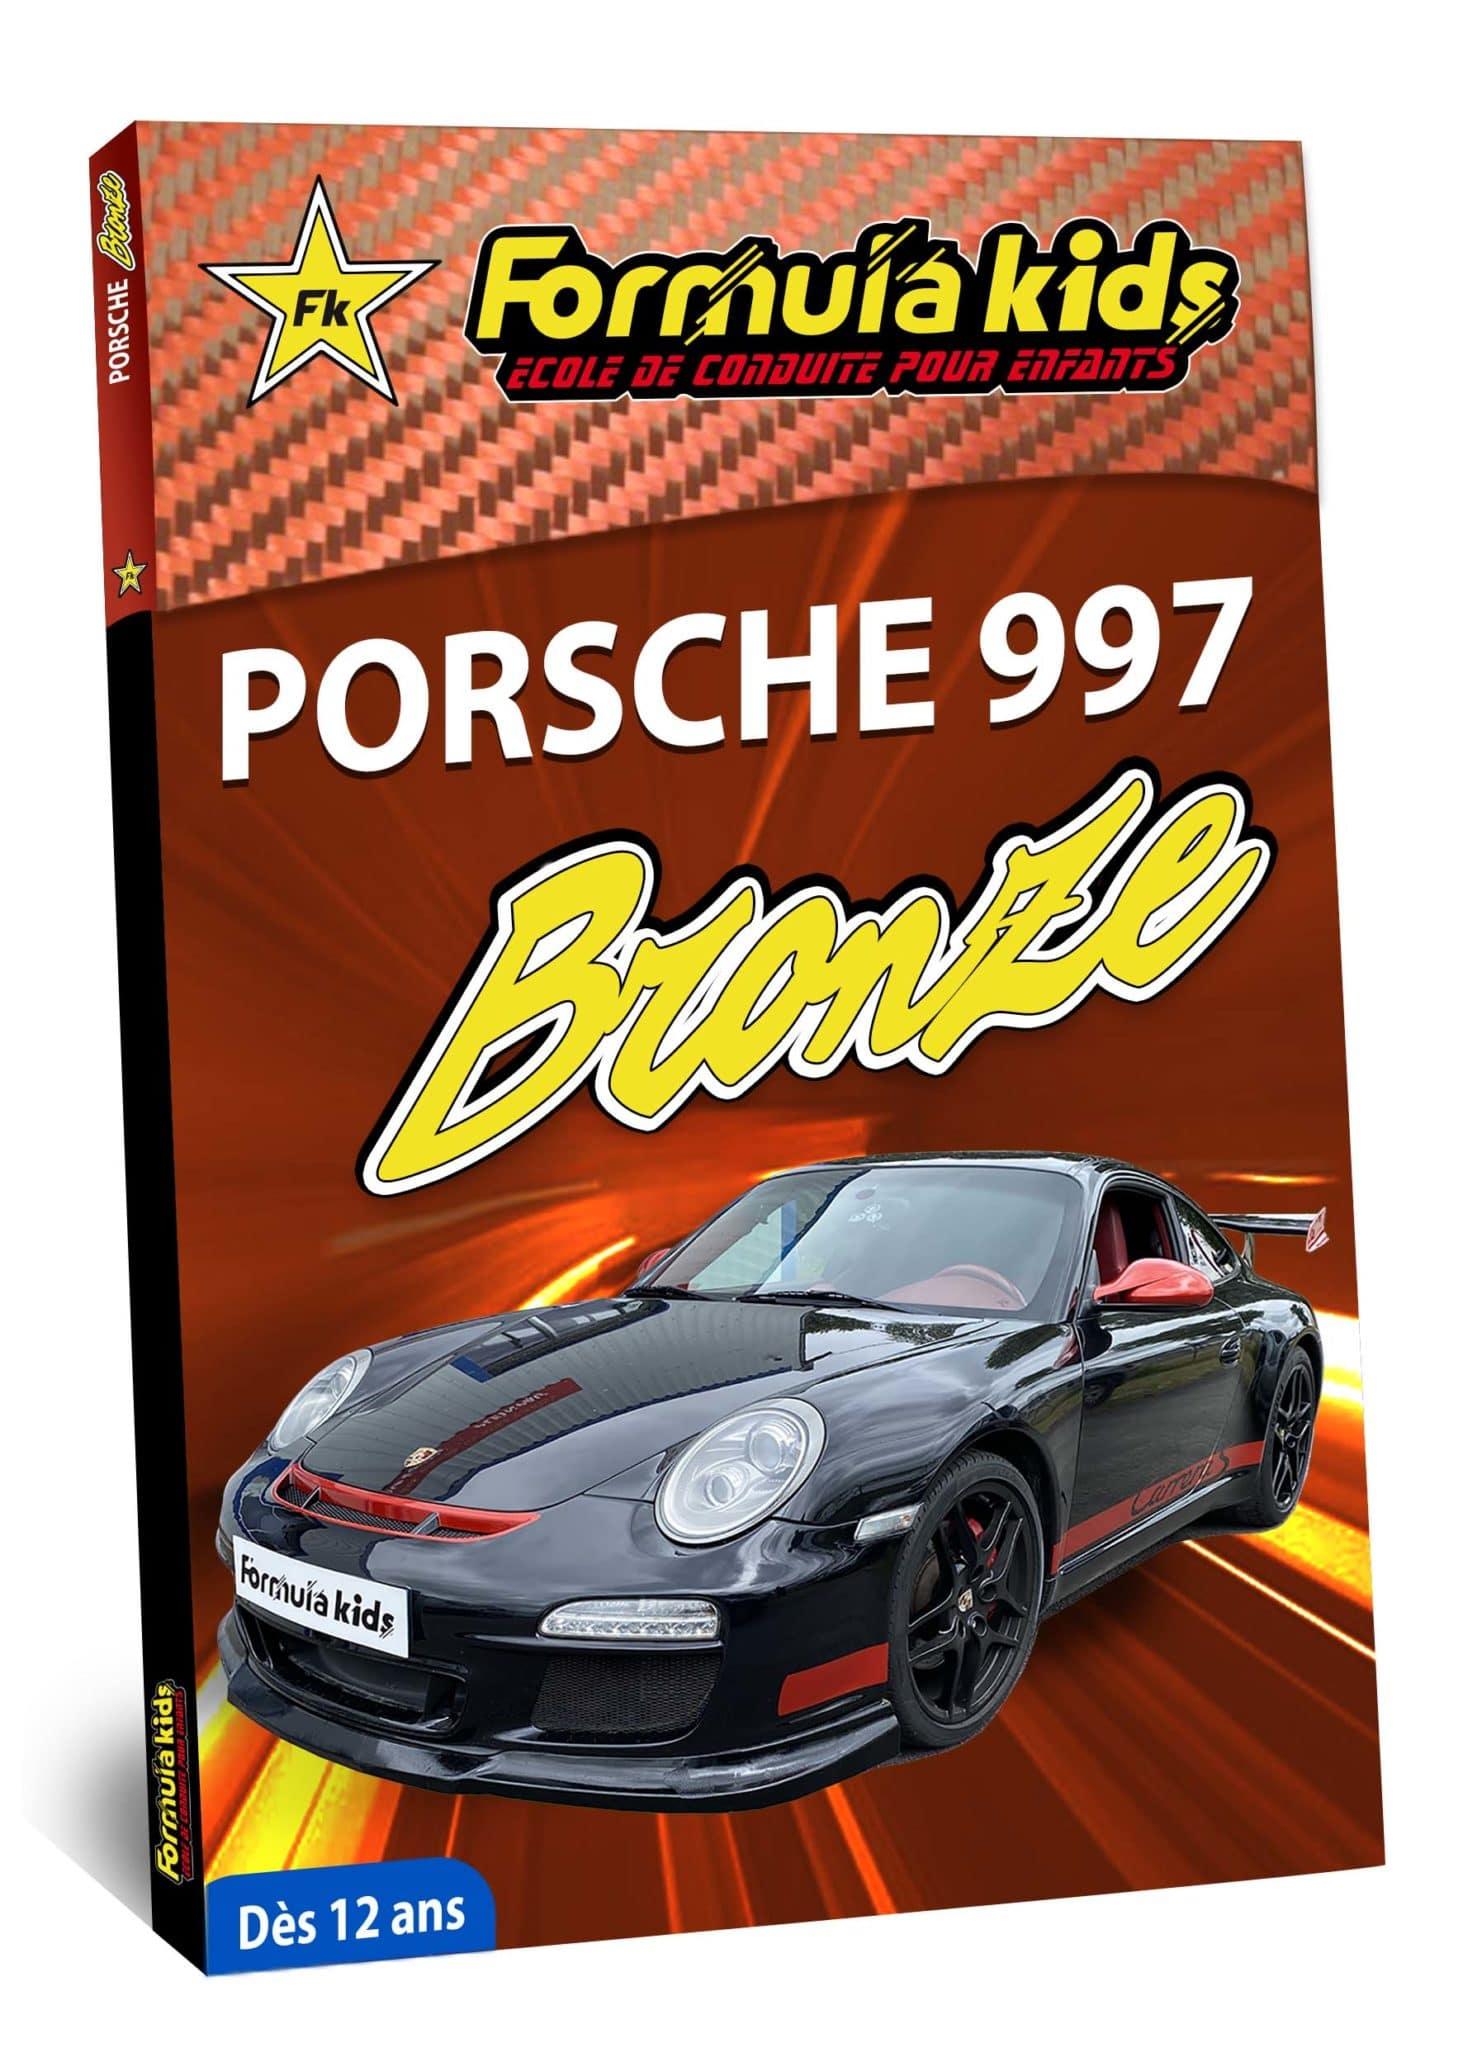 Porsche 997 Bronze - Conduire une Porsche dès 12 ans - Formula Kids - Stage de conduite enfant - Stage de pilotage sur As'Phalte - Stage Junior - Conduire une TT dès 7 ans - Formula Kids - Stage de conduite enfant - Stage de pilotage sur As'Phalte - Stage Junior - Cadeau - Idée anniversaire - Smart Box - Idée Cadeau - Loisir - Famille - Pilotage - - Pilotage GT - Pilotage enfant - Porsche 991 - Porsche 997 - Porsche Carrera 4S - PDK